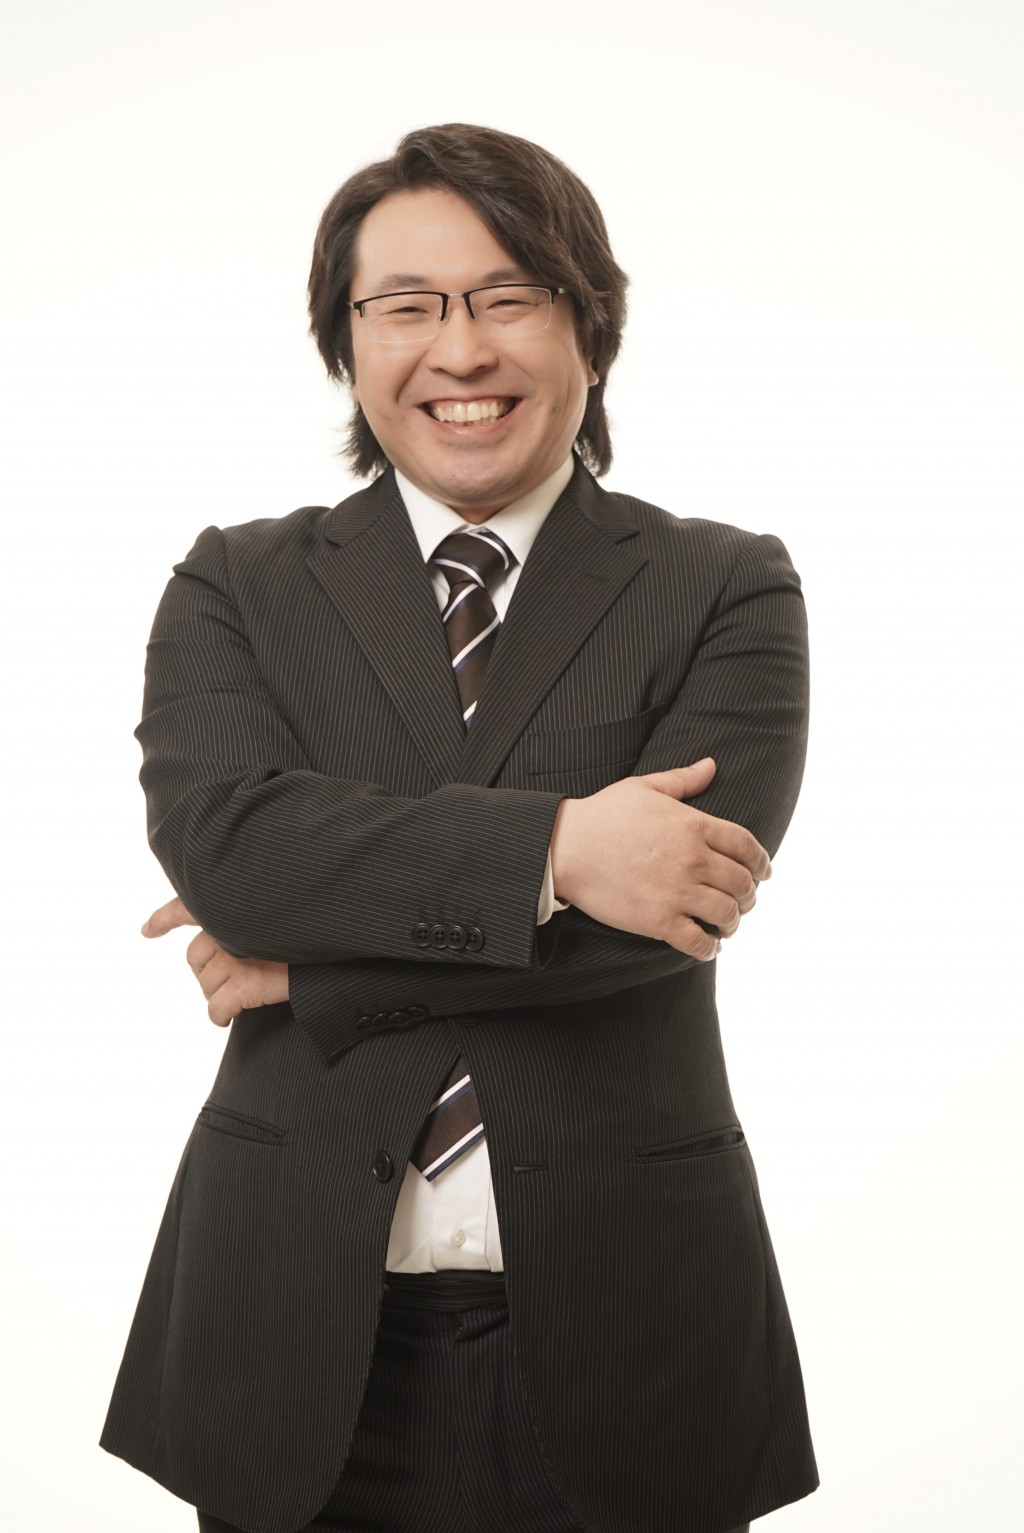 円盤ライダー3号 賢茂エイジ